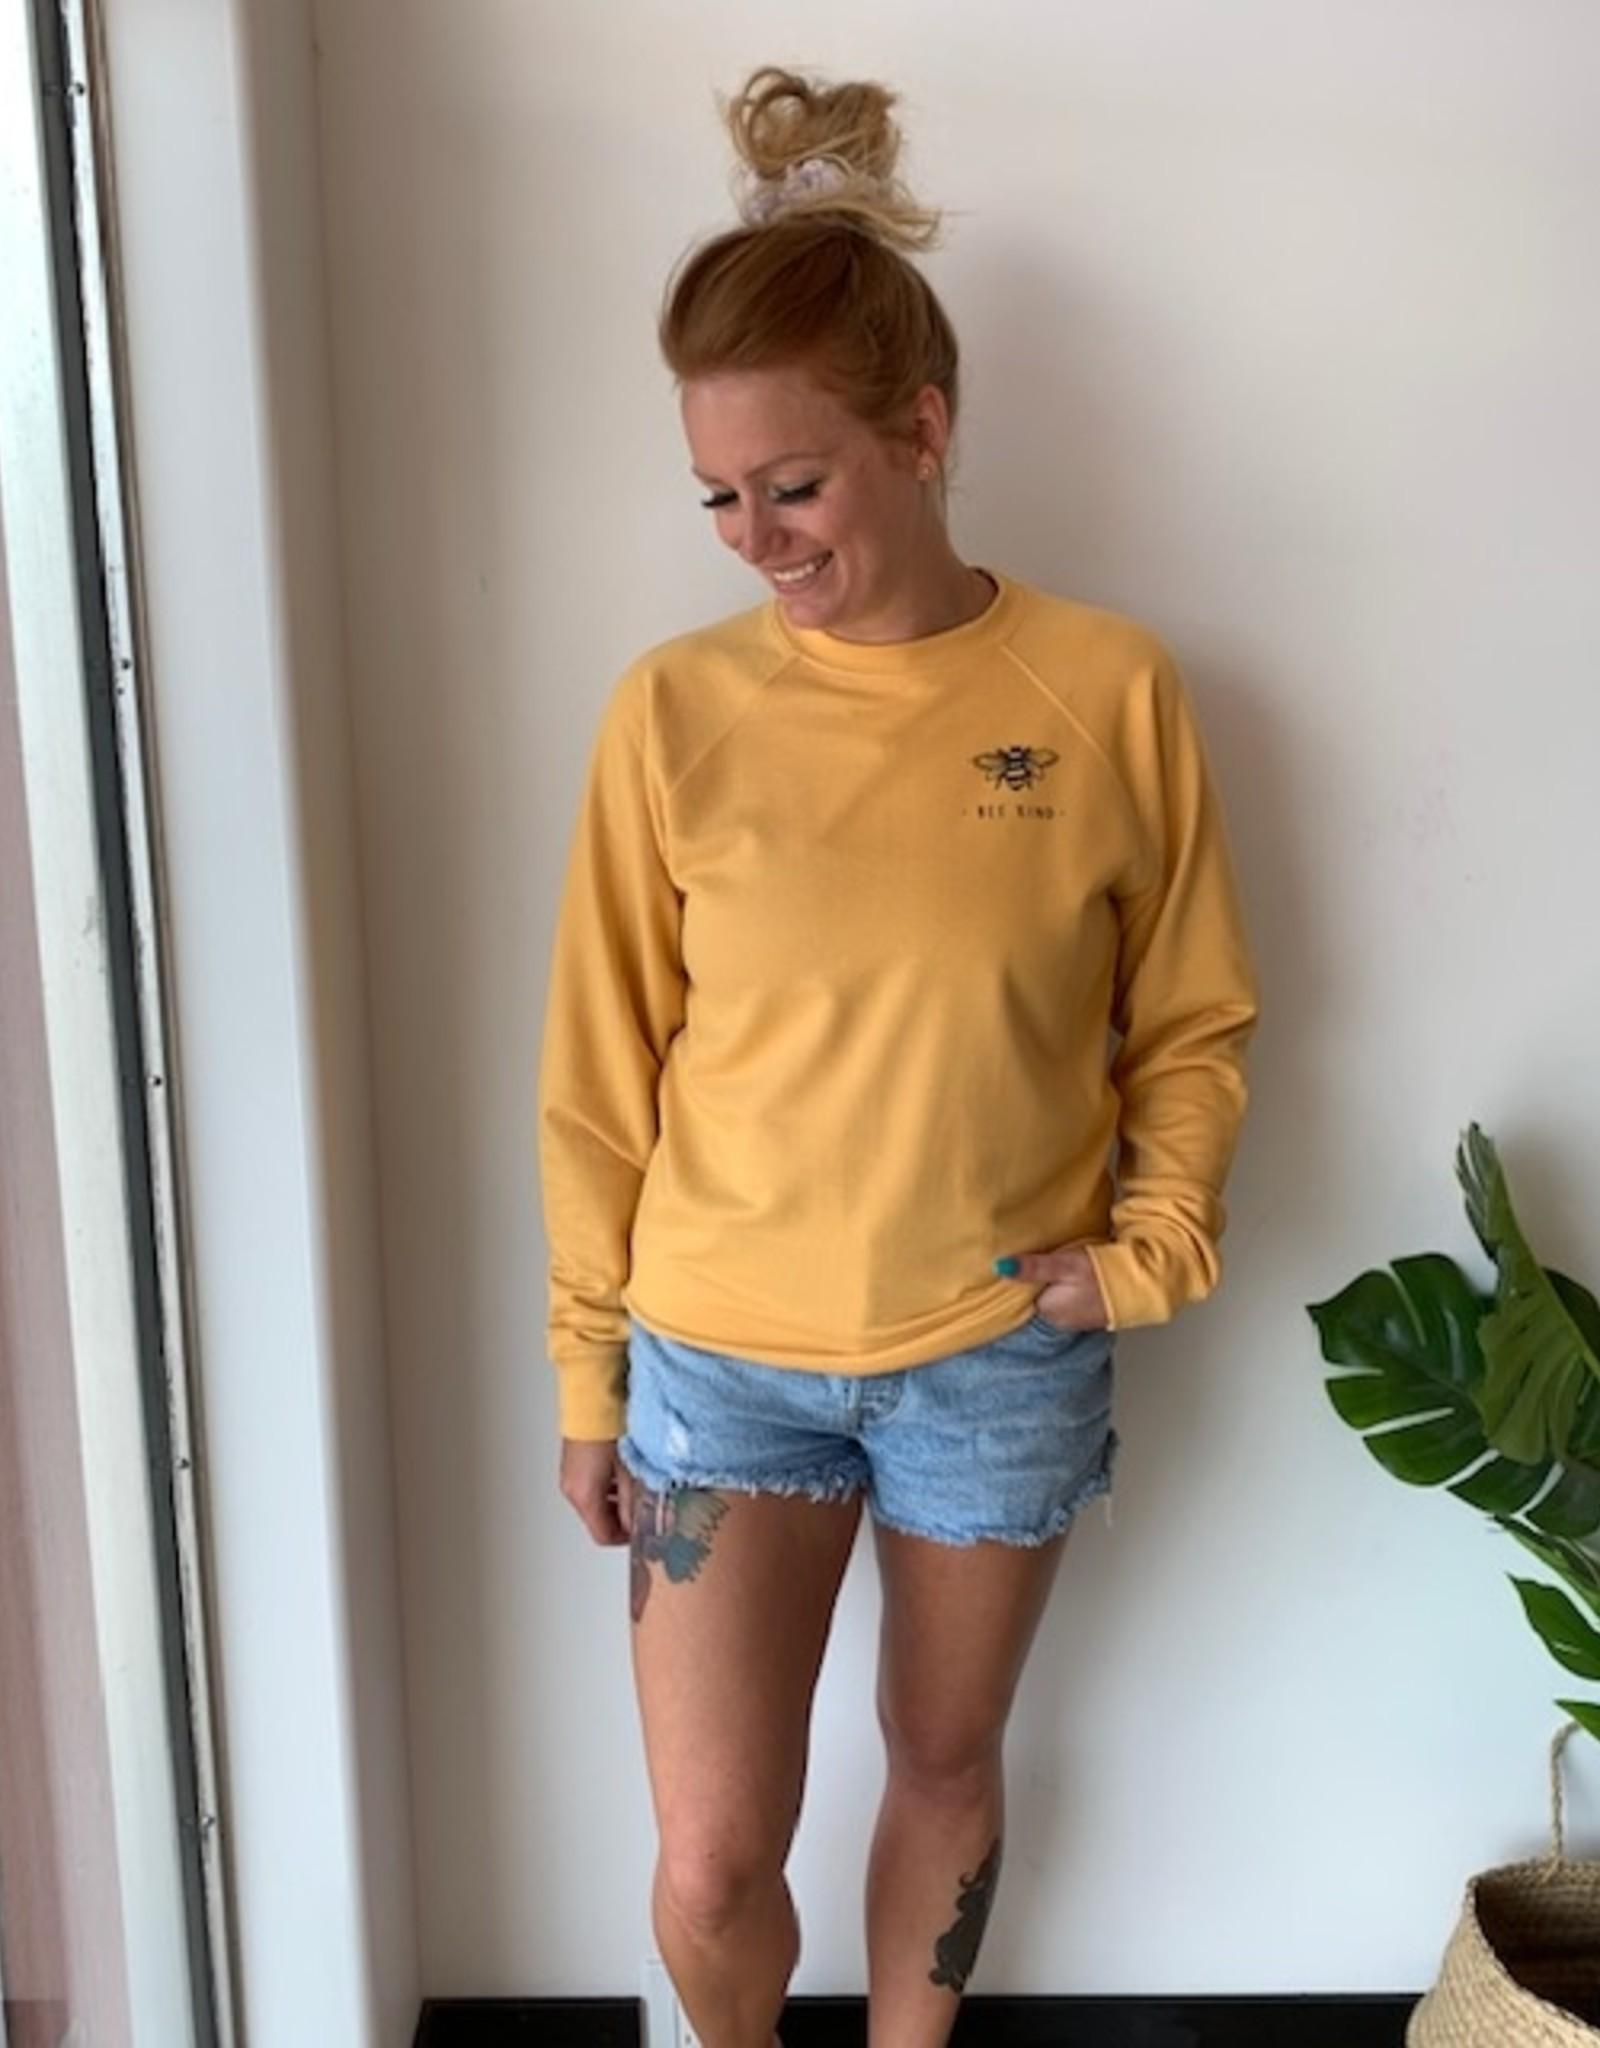 LOSA BeeKind Crest -